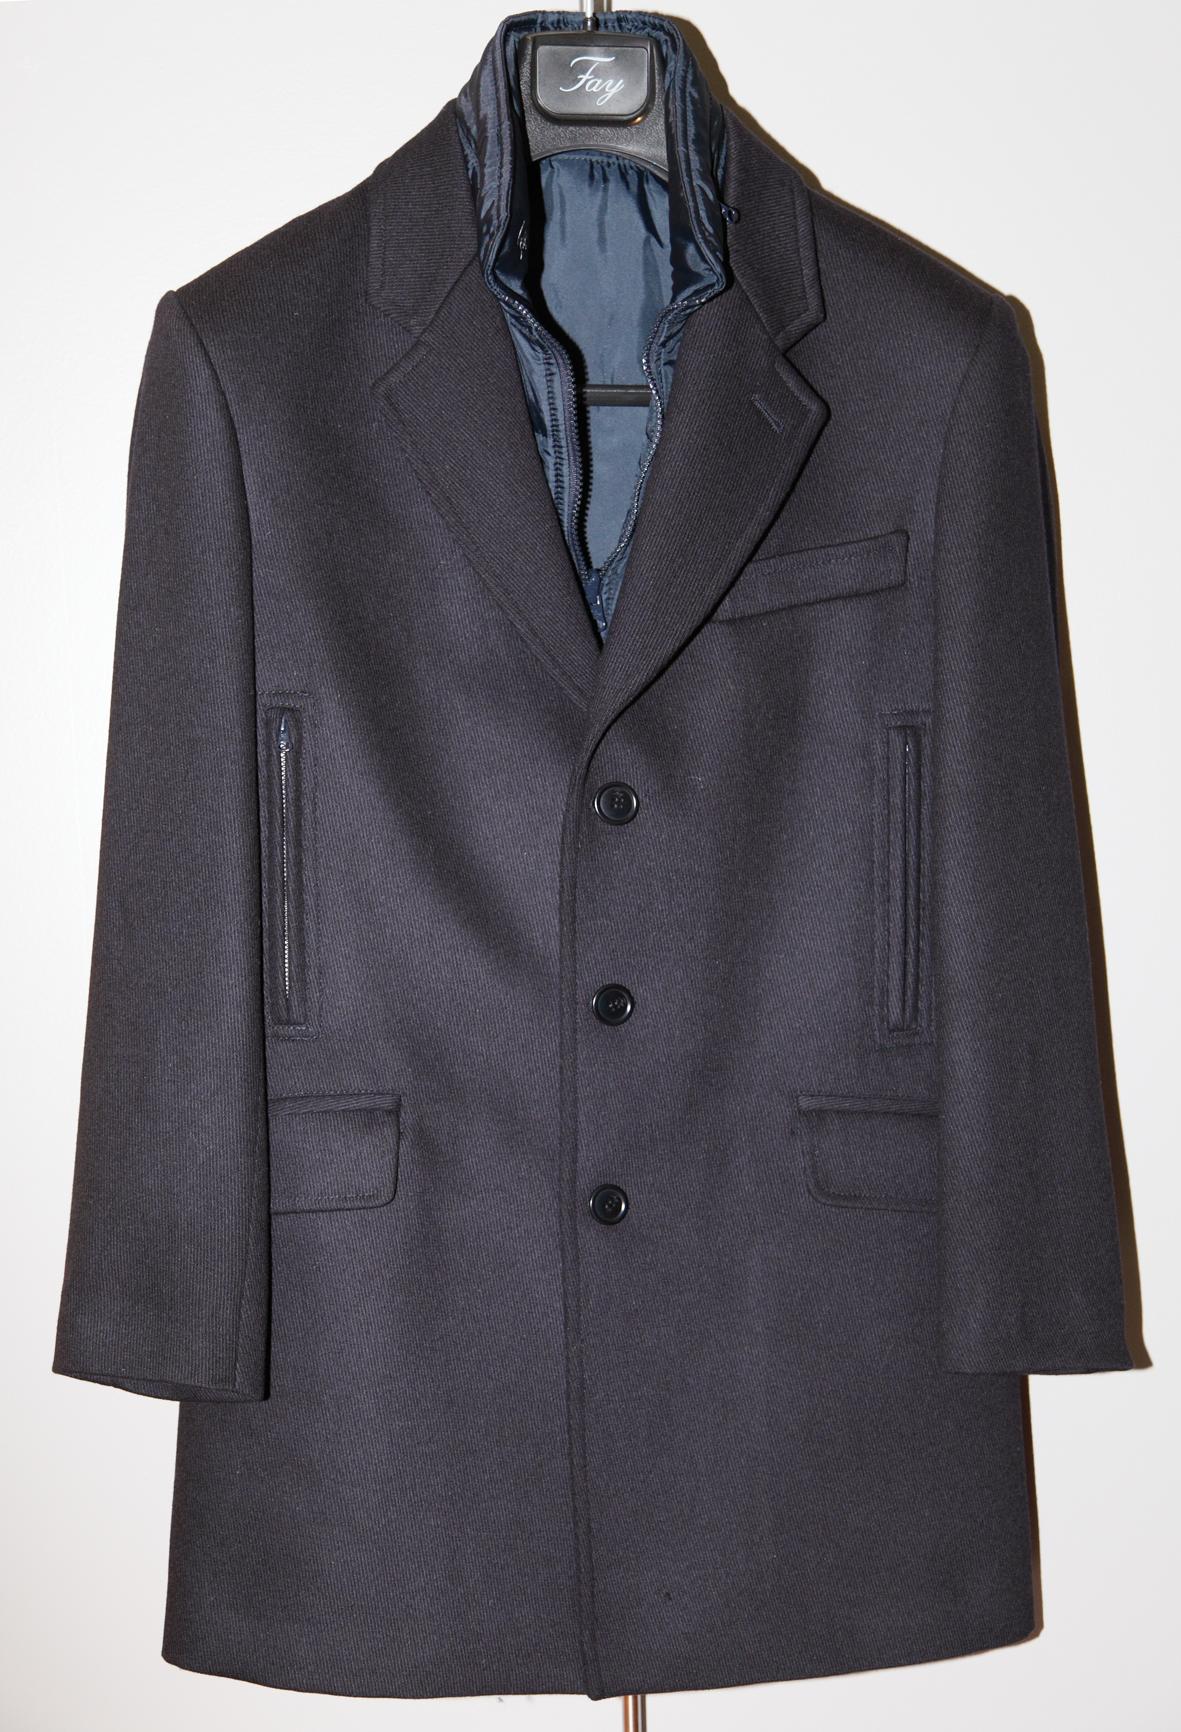 4112912130 74a8a97274 Fay, el abrigo más vendido en Italia